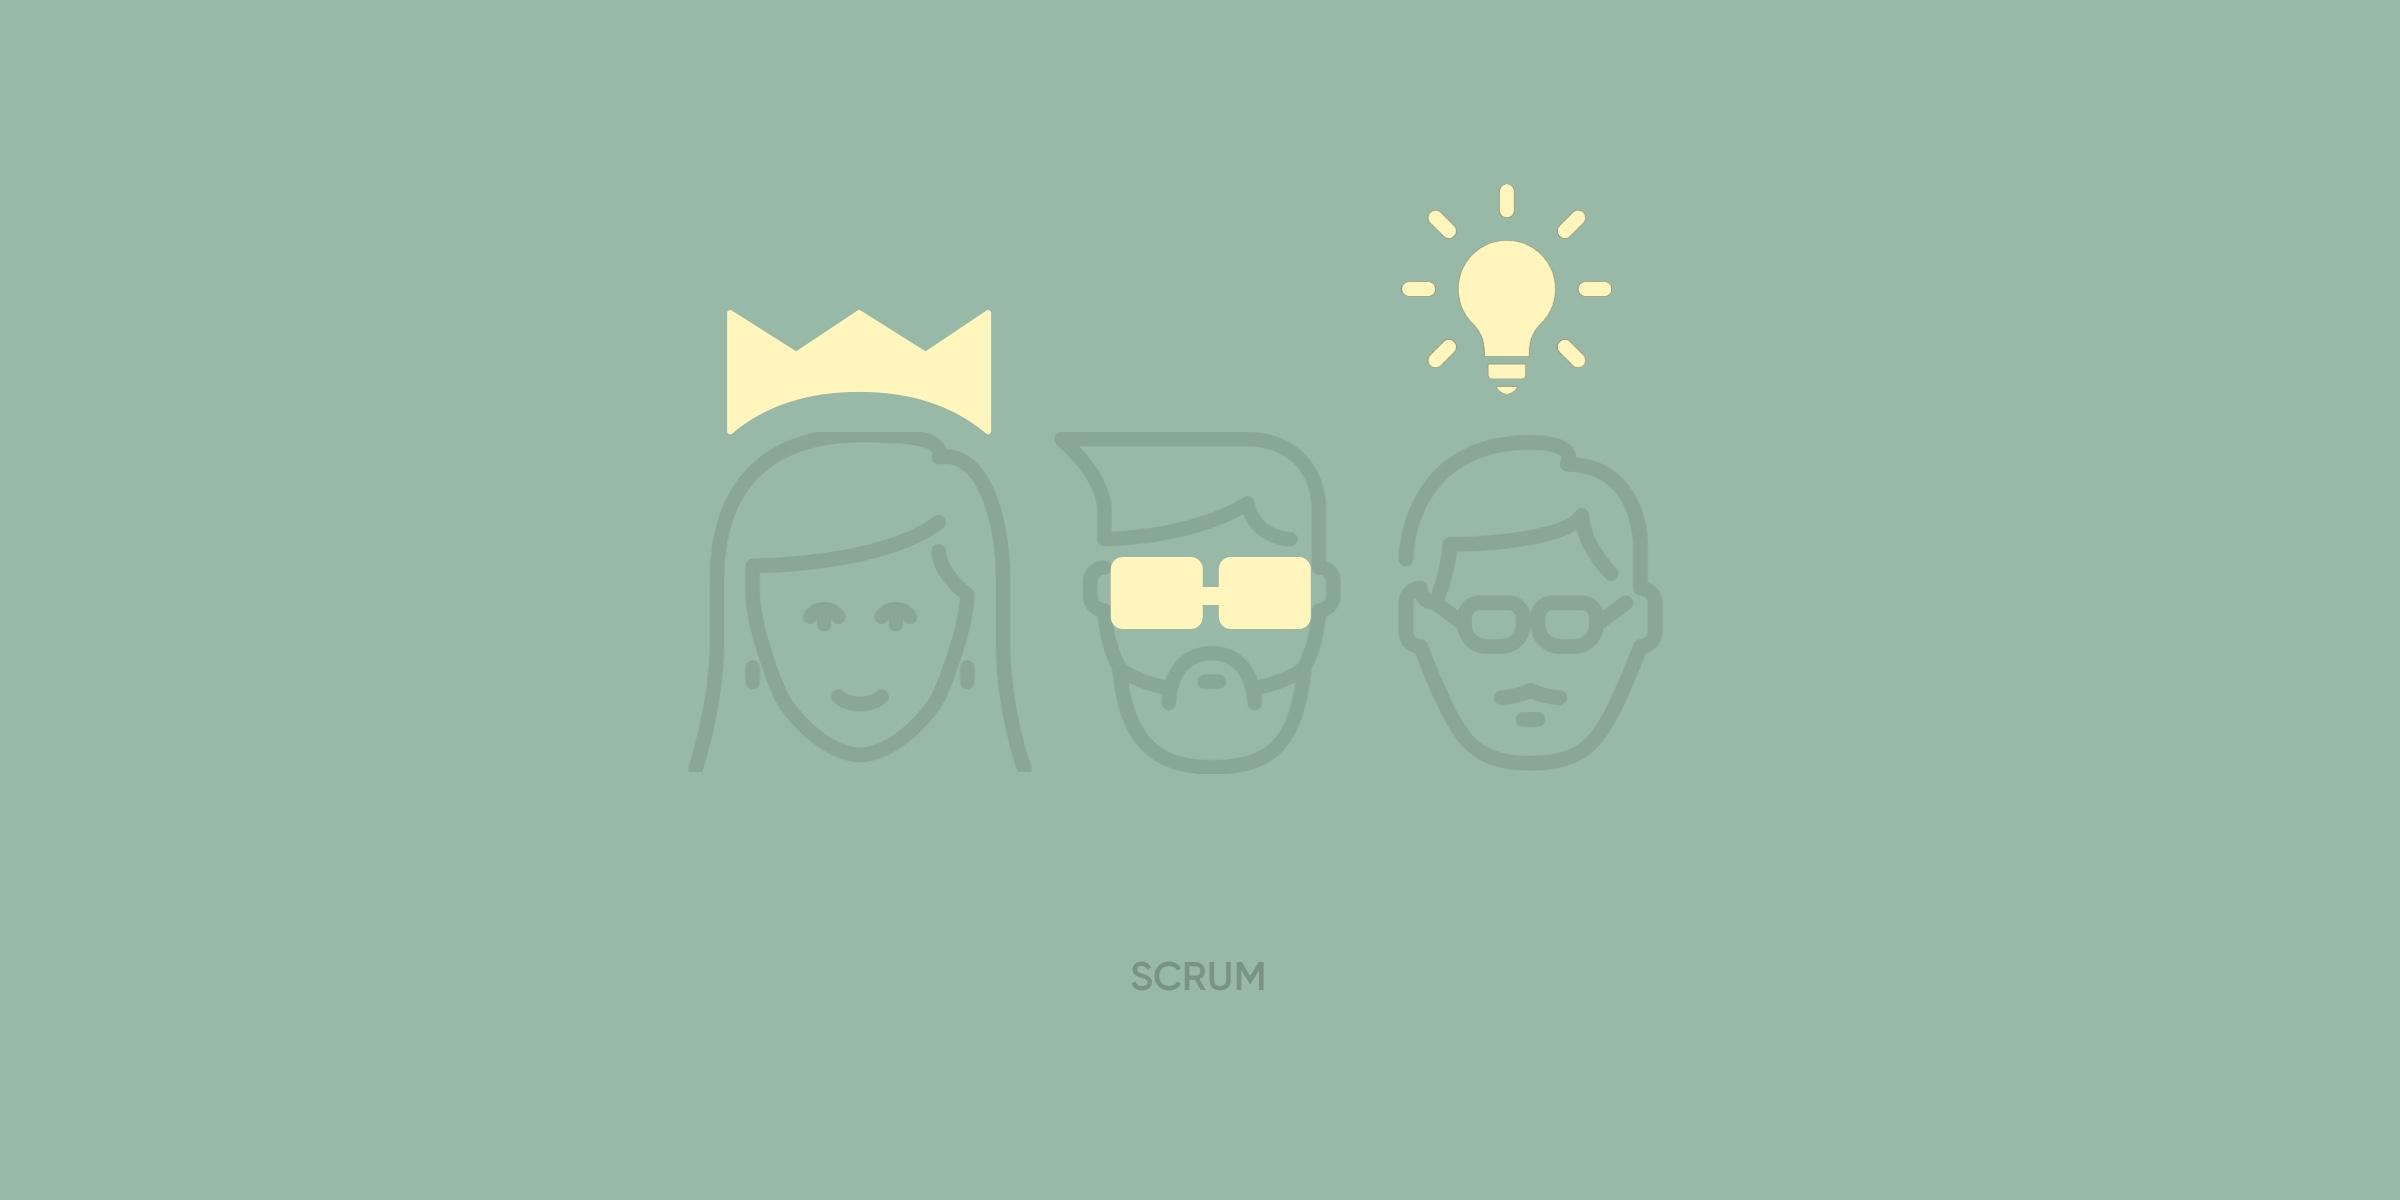 Projektmethodik und Projektleitung nach SCRUM